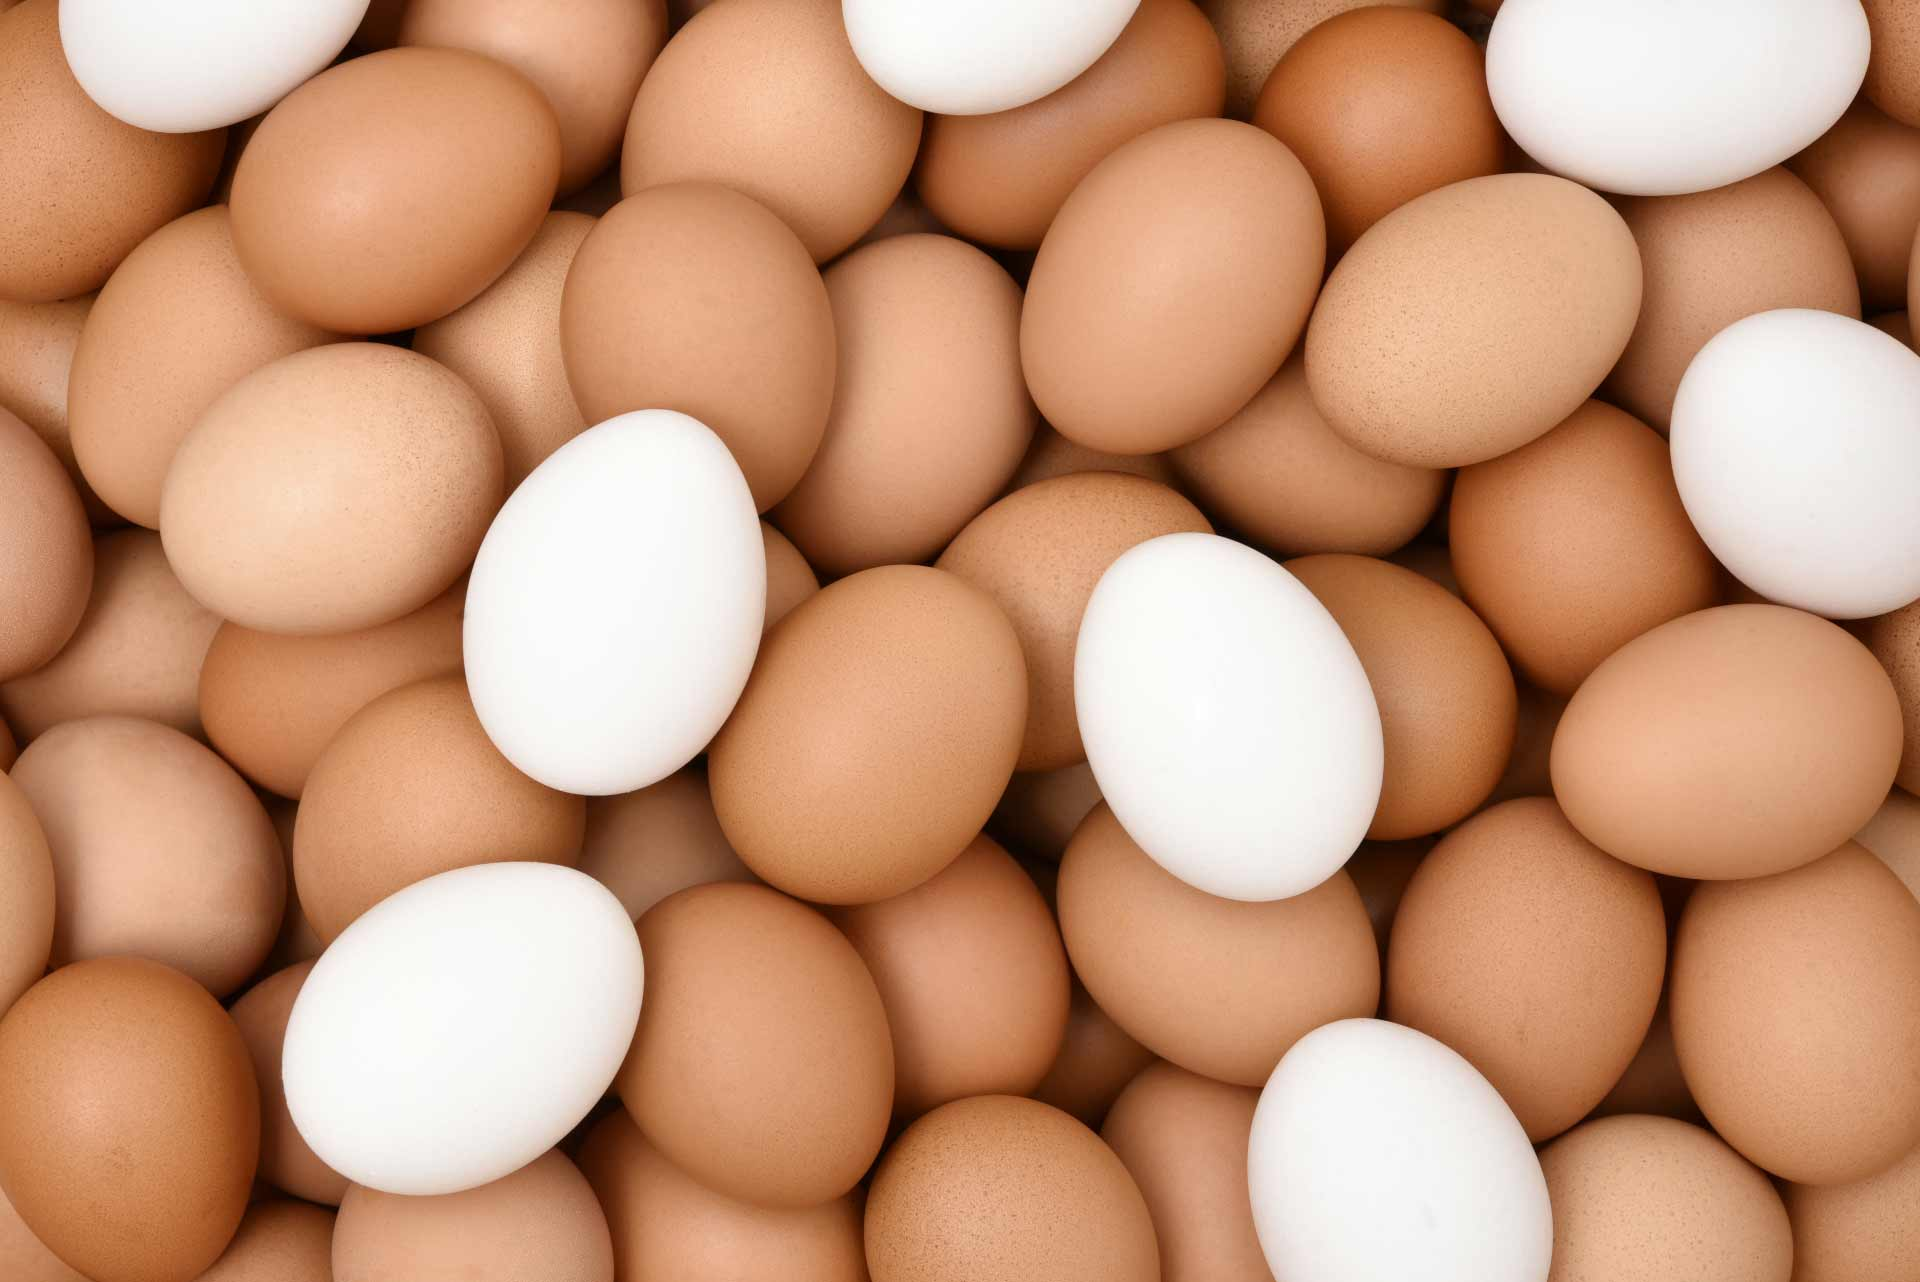 白色の卵と茶色の卵